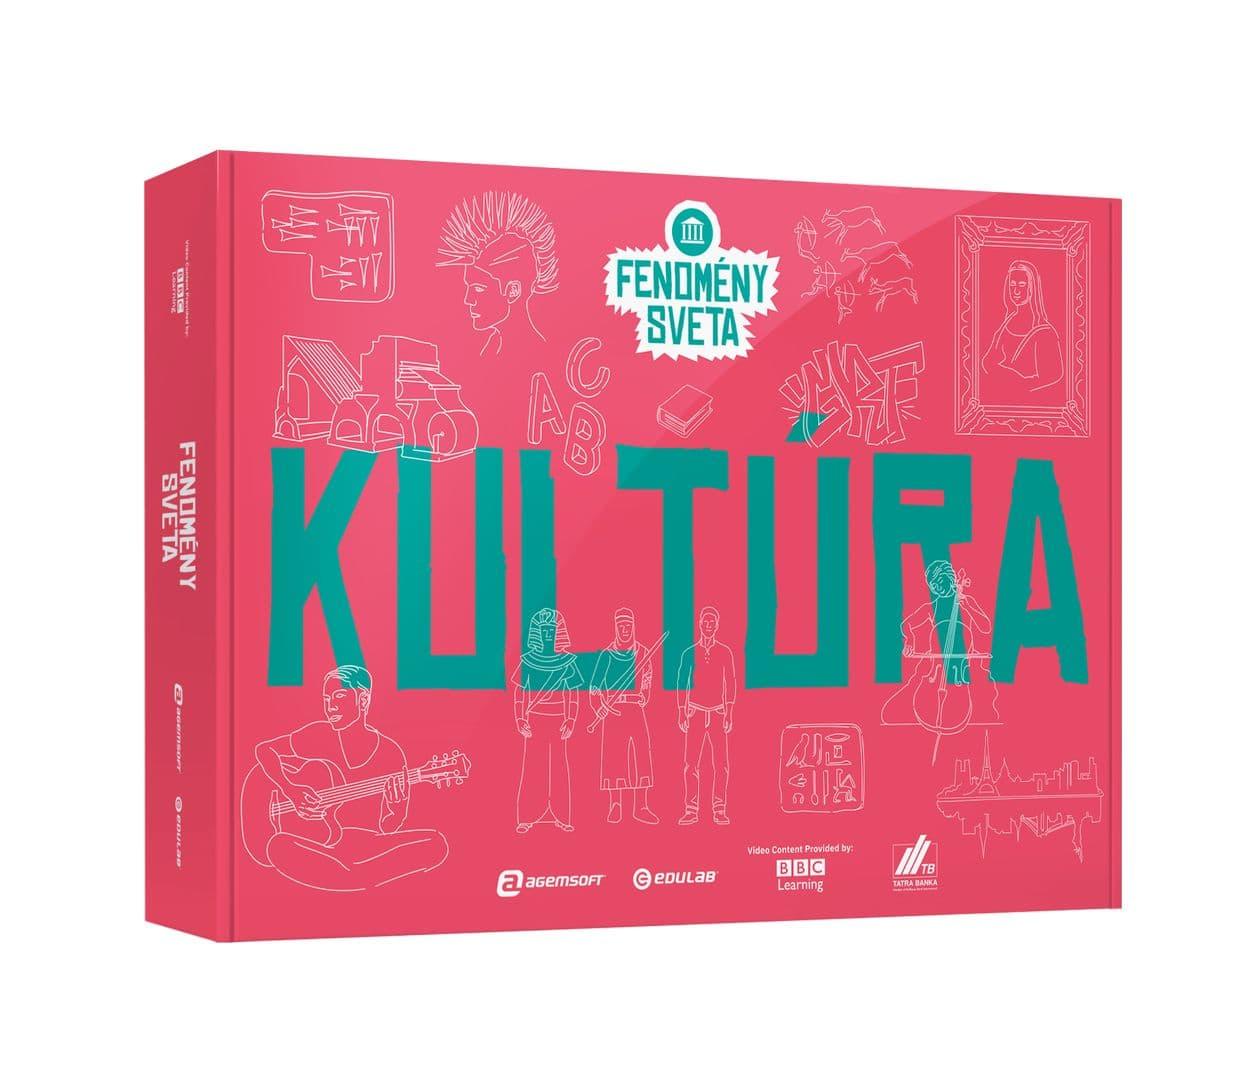 fenomeny_box_kultura_+Tatra_logo_V02